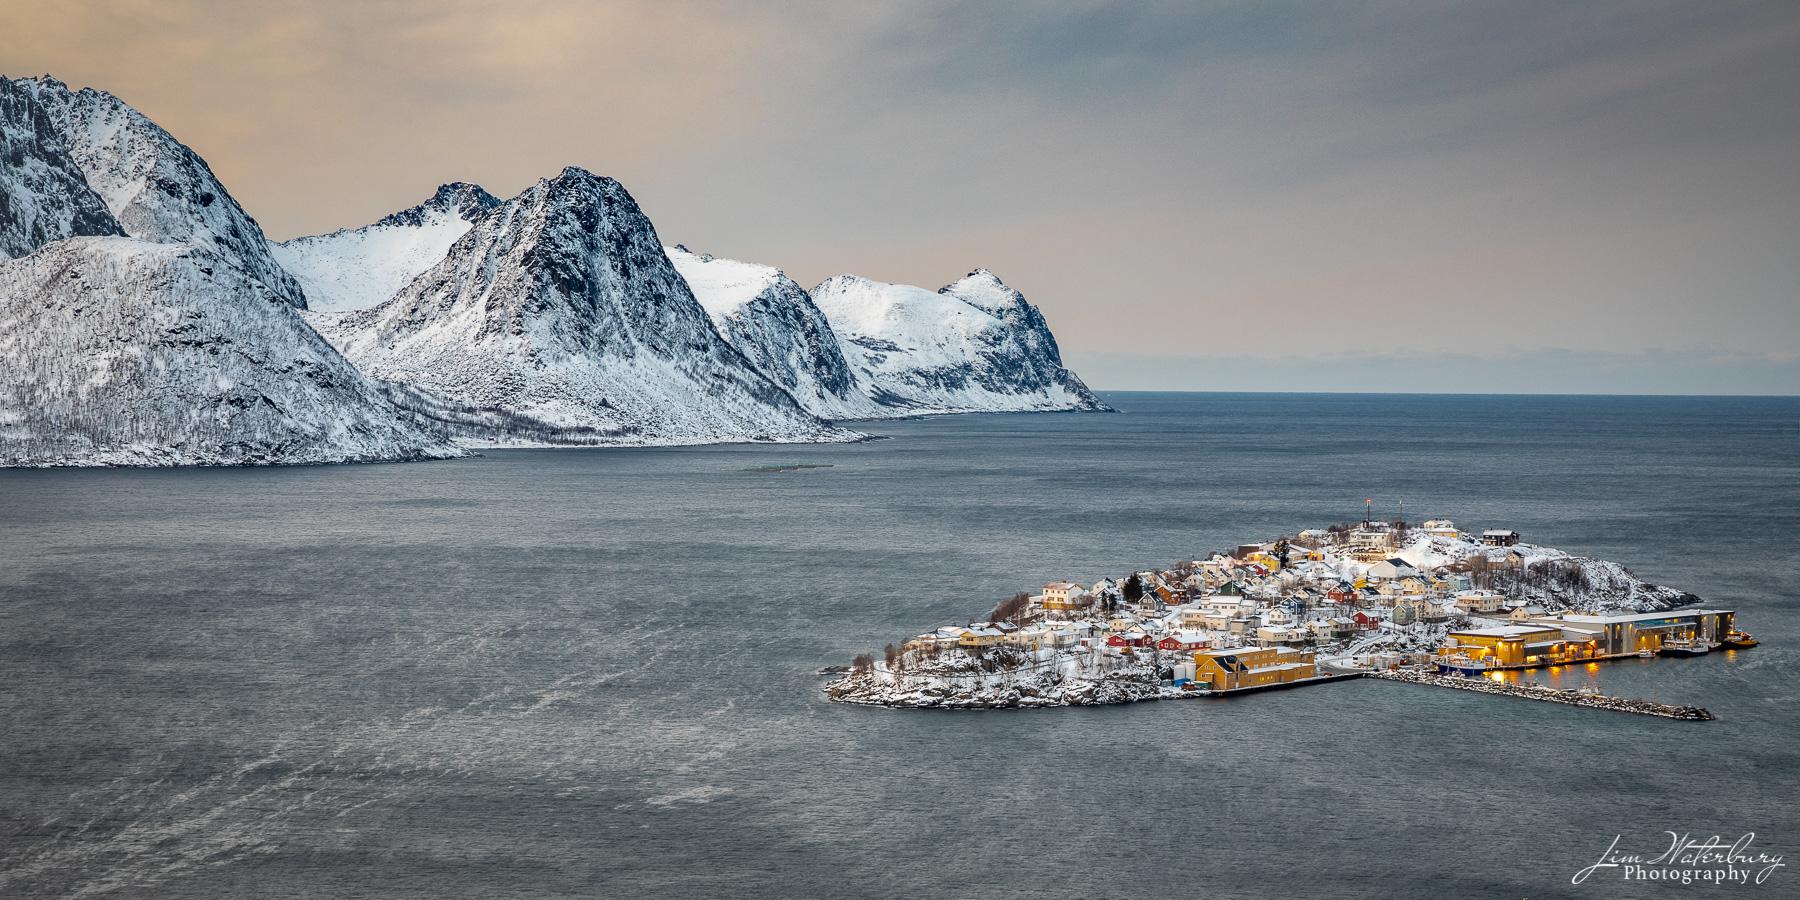 Husoy, Senja, Norway, Lofoten Islands, fishing village, photo